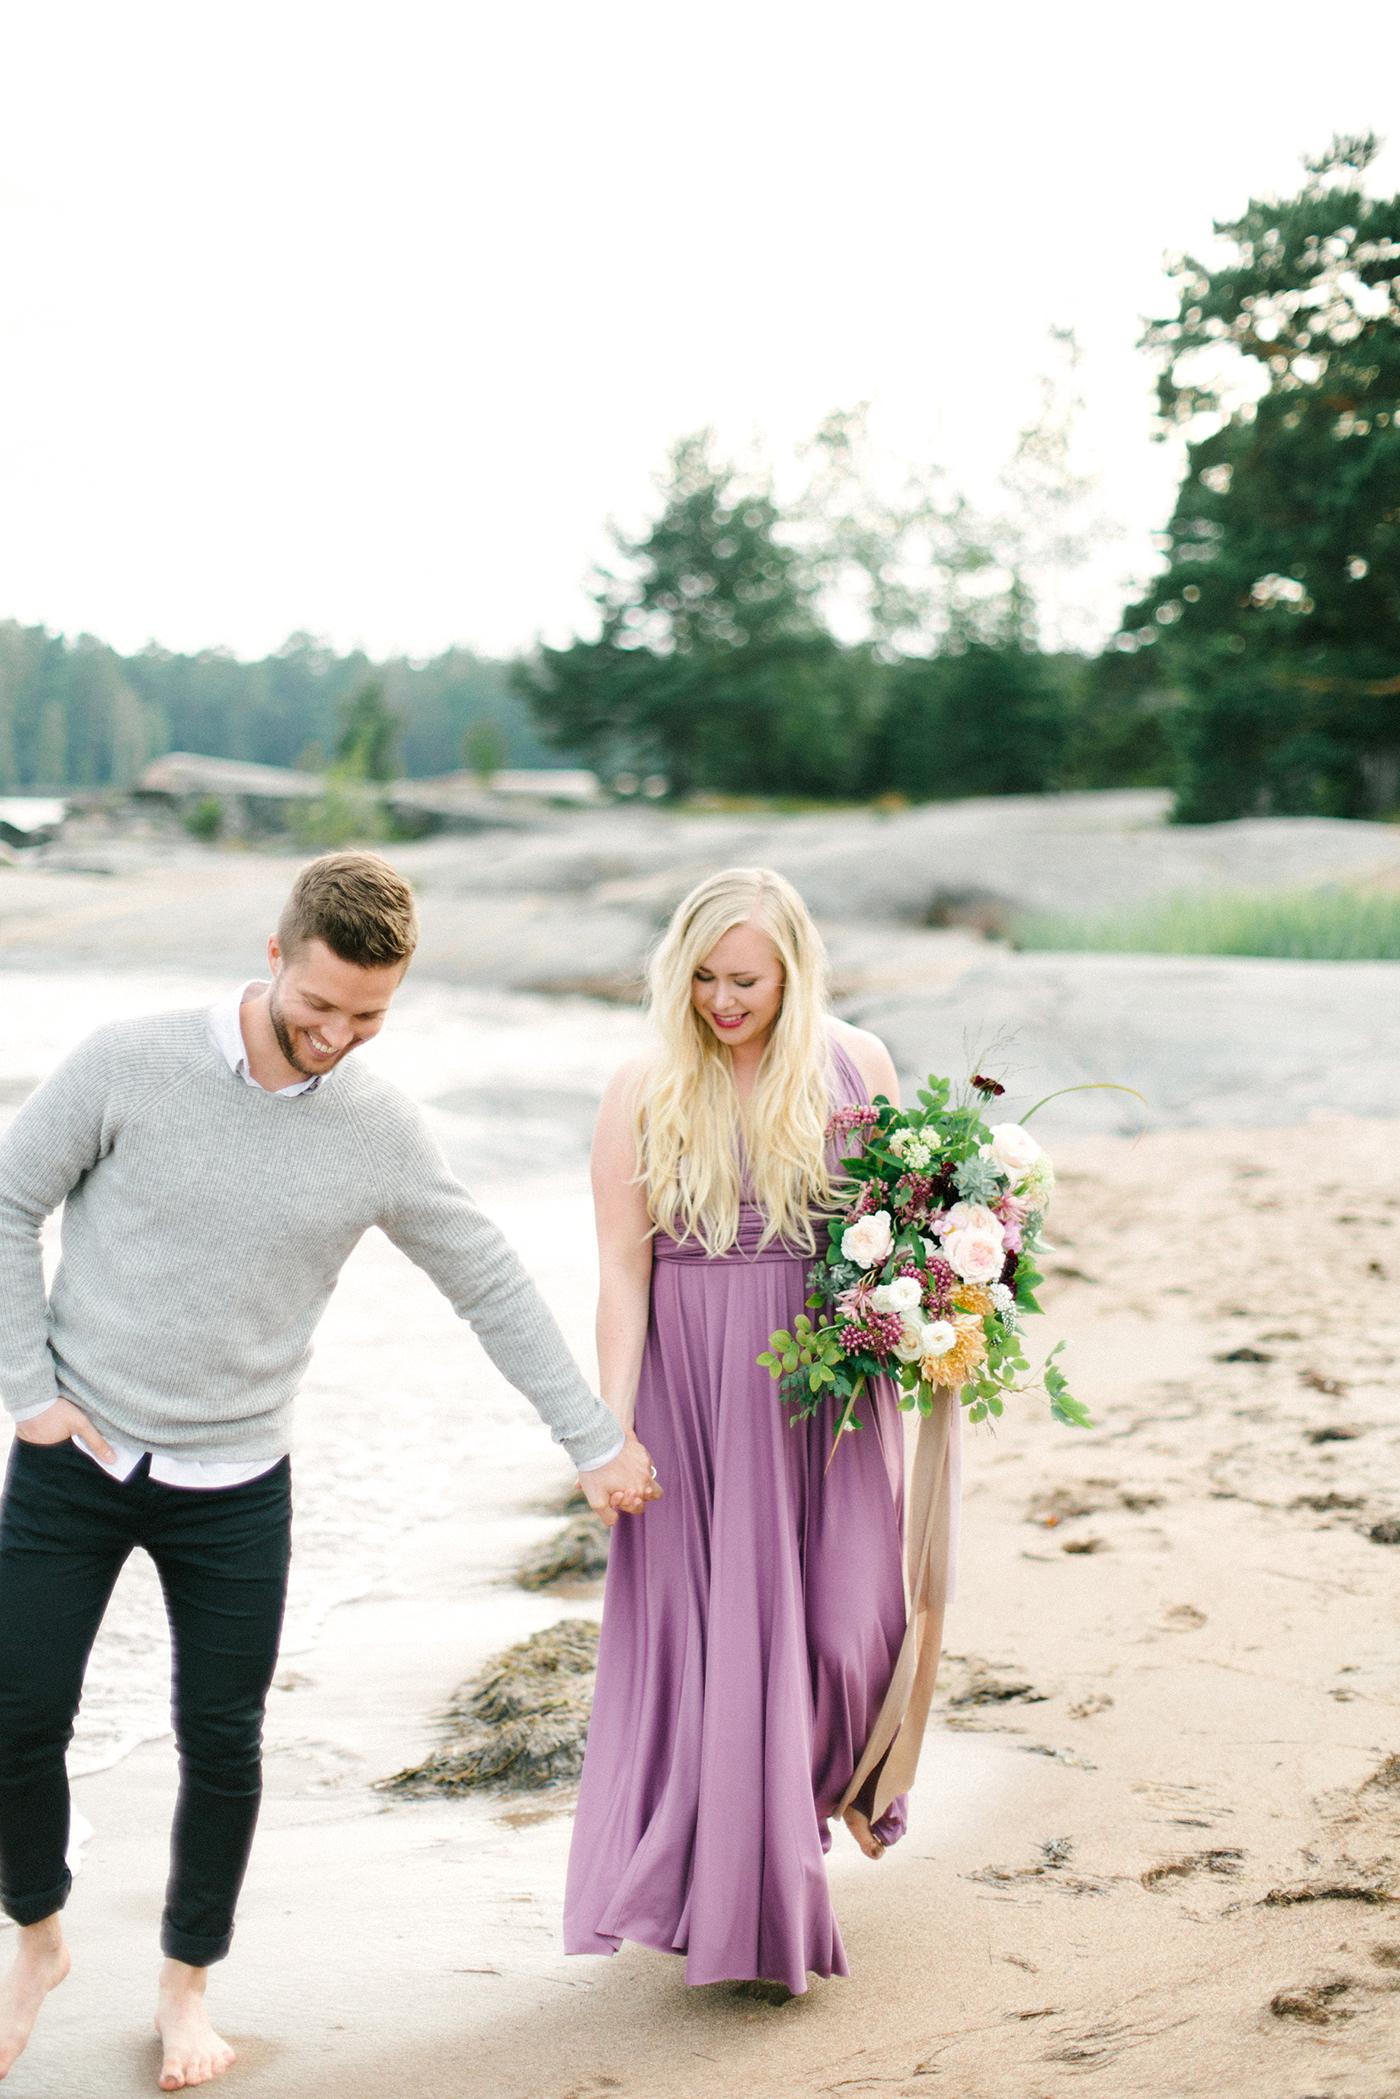 Sari & Mikko - Beach Engagement Couple Shoot in Hanko kihlakuvaus parikuvaus - Susanna Nordvall - Hey Look (5).jpg